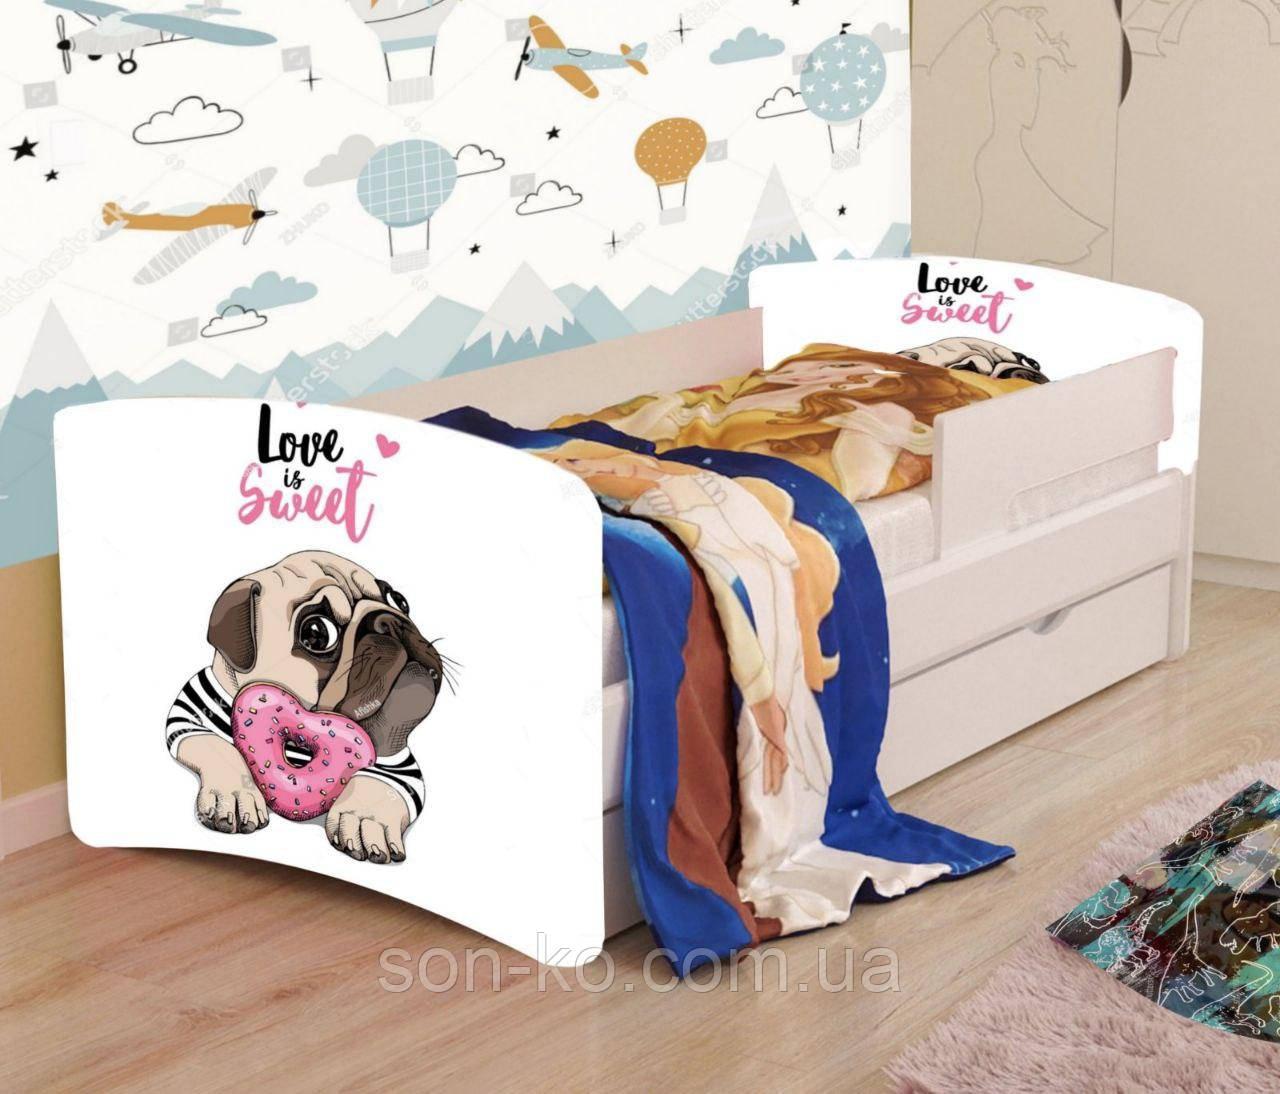 Кровать детская Мопс без шухляды. Бесплатная доставка